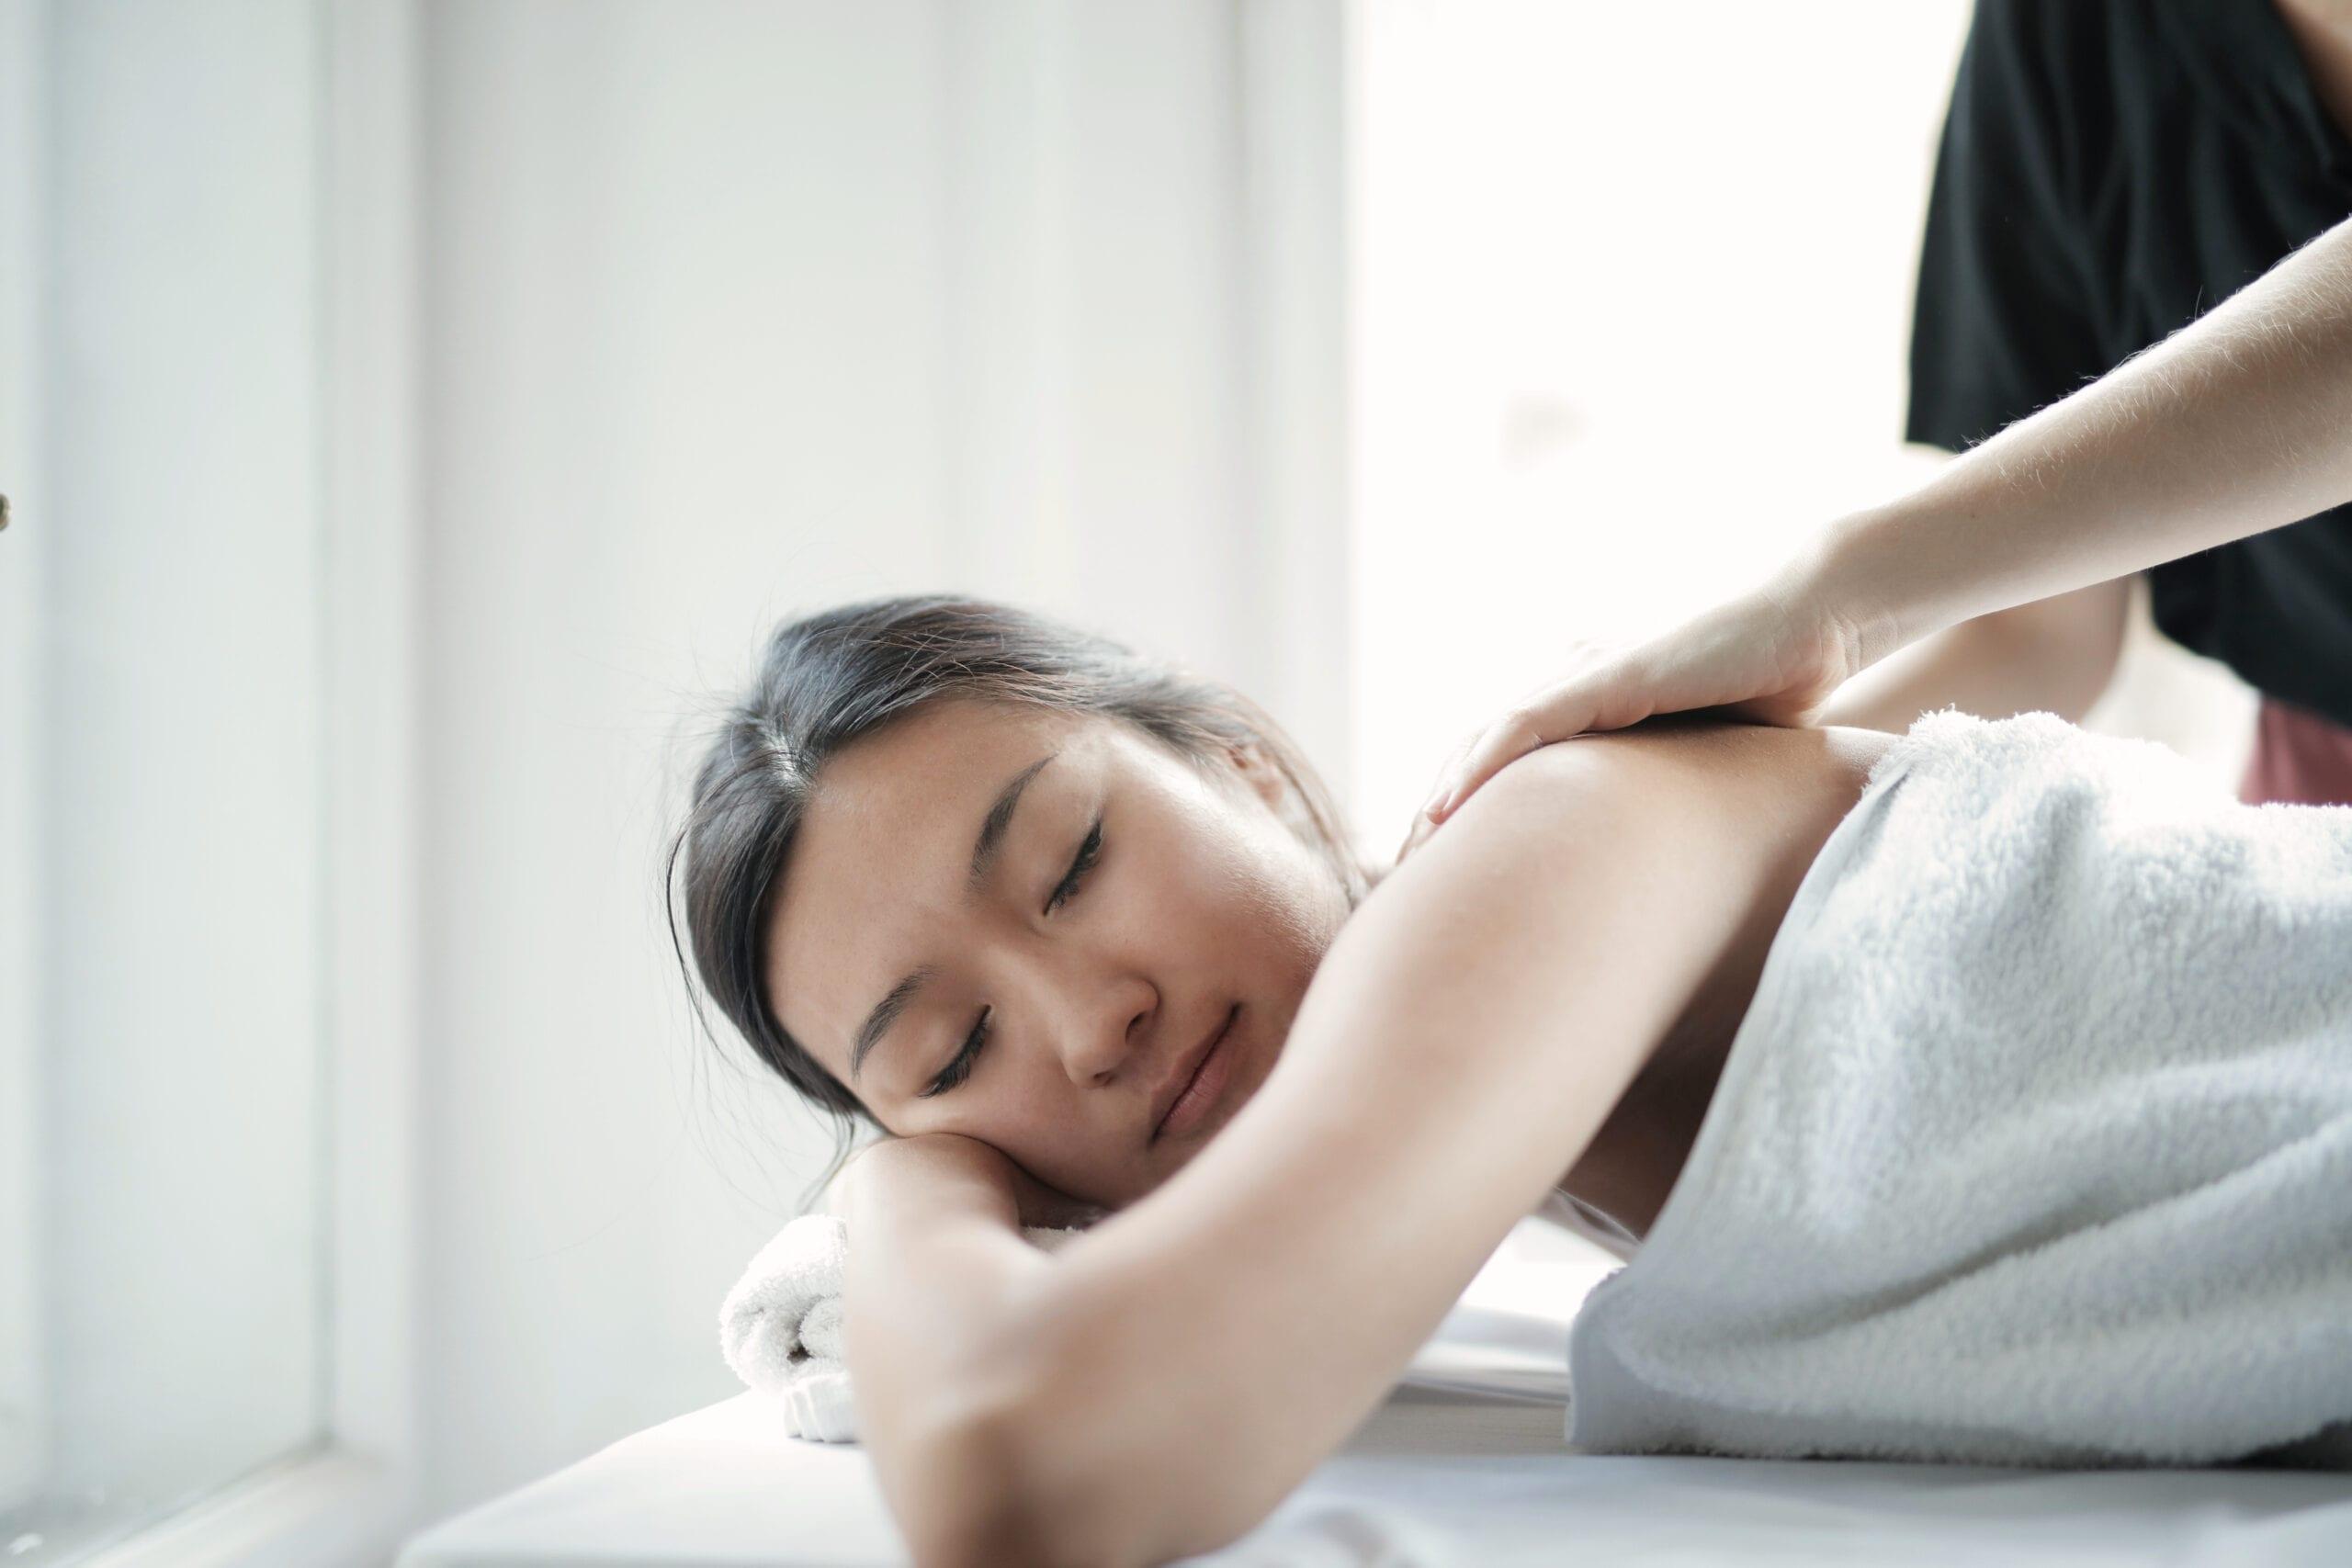 fredfyldt og afslappende wellnessmassage på skuldre